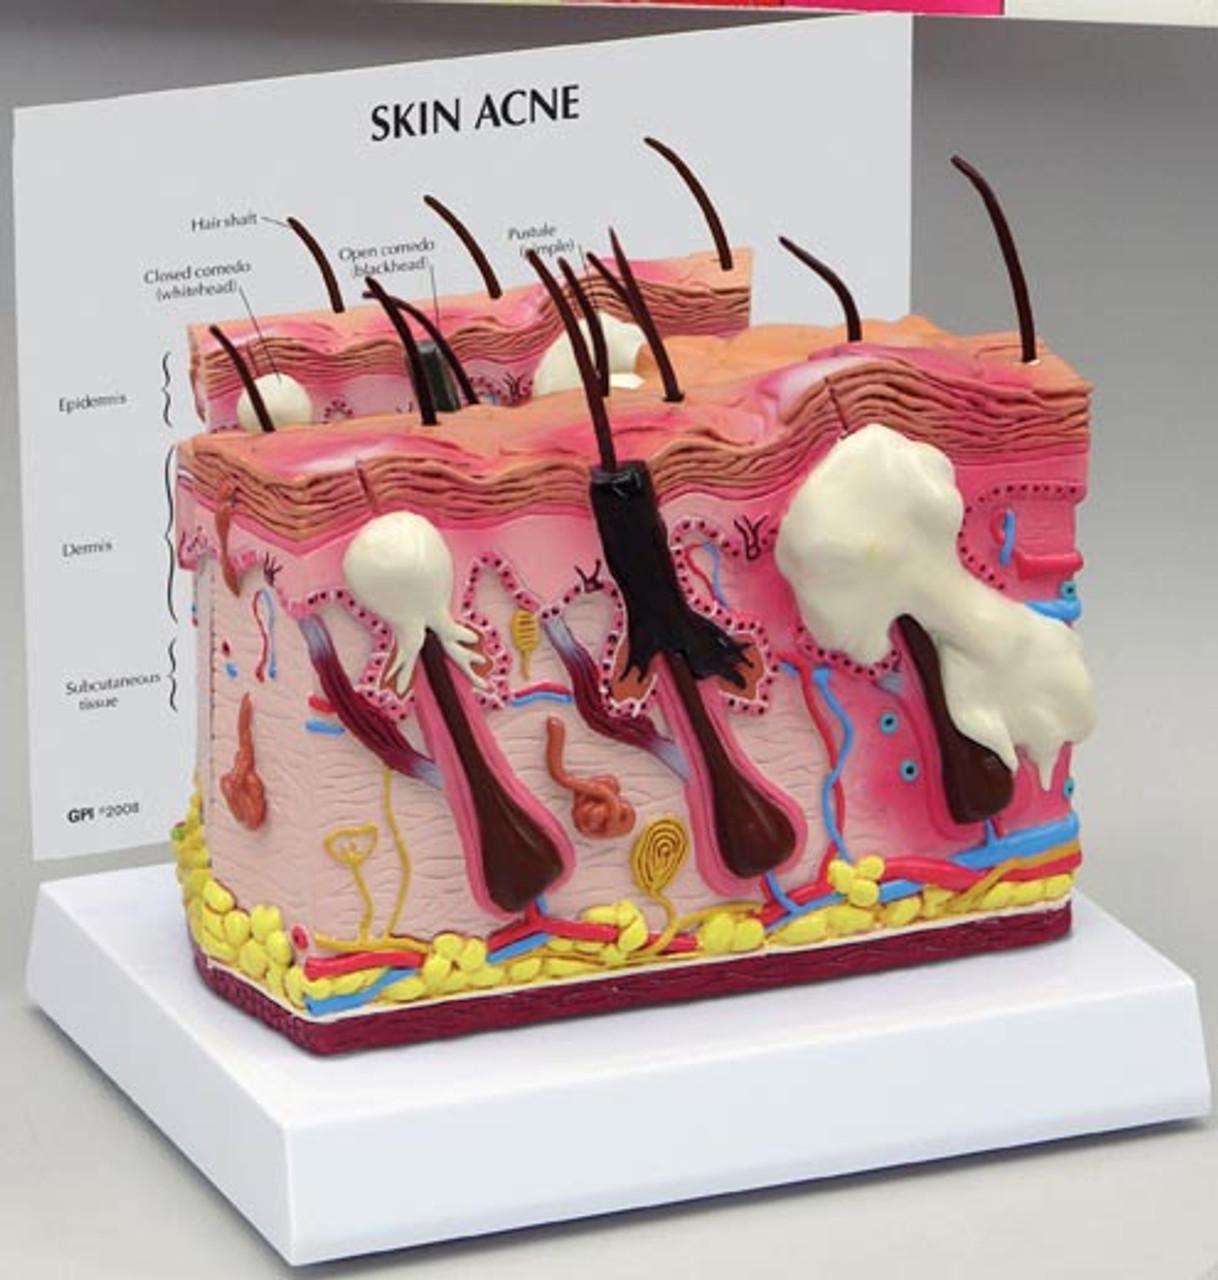 Acne Skin Model